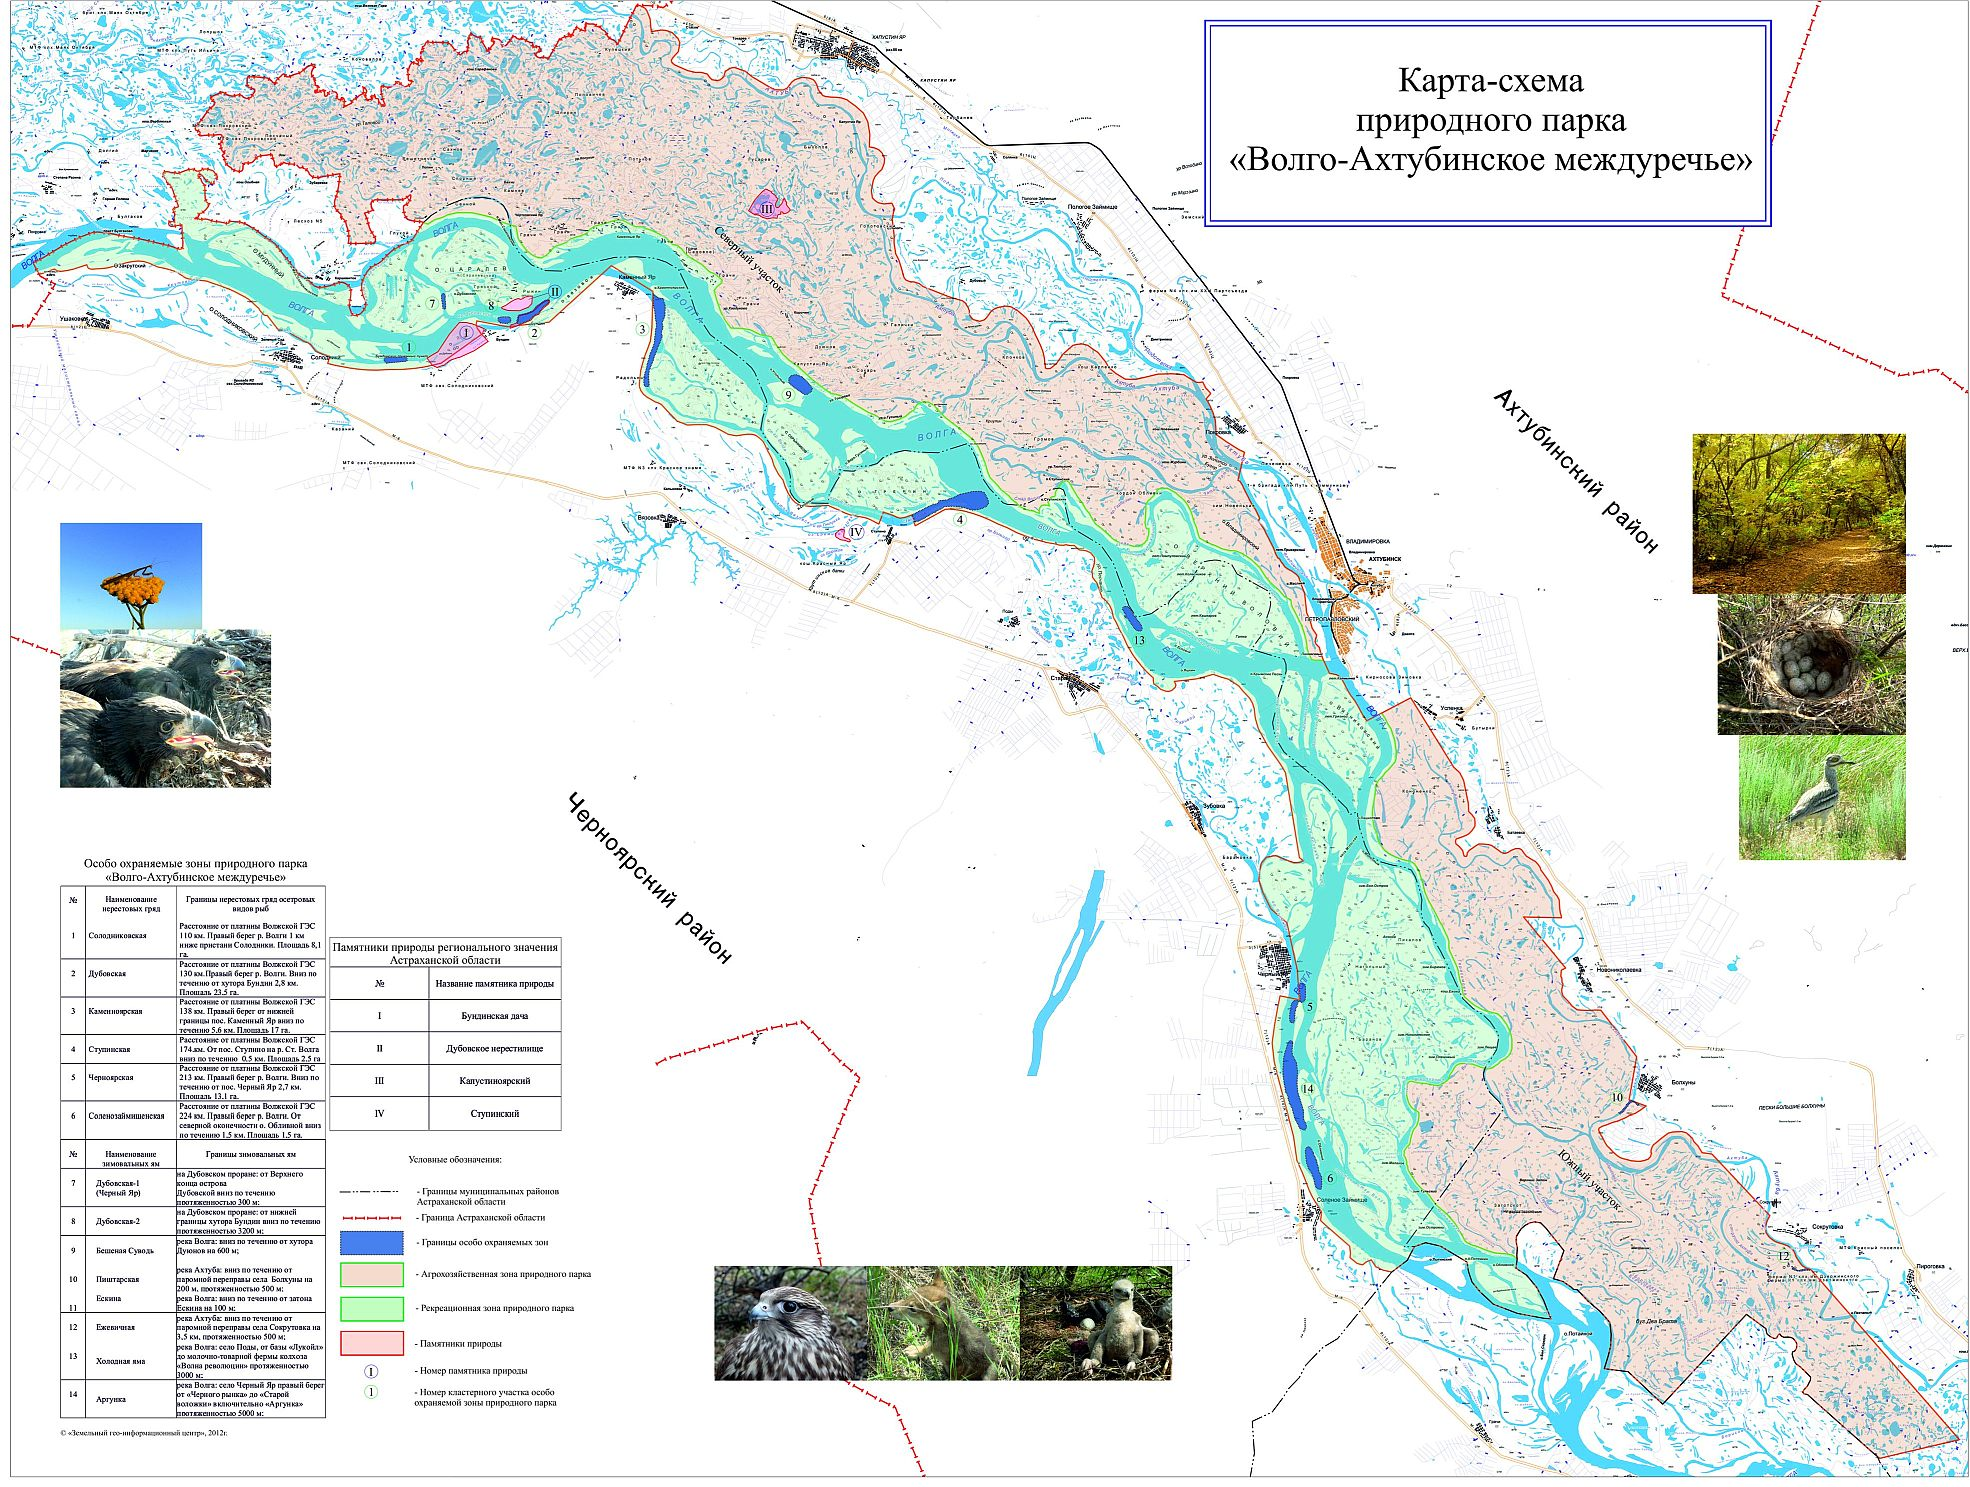 Волго-Ахтубинское междуречье карта план  | Волго-Ахтубинское междуречье карта план  | http://doyounow.ru/images/kartavaz1.jpg